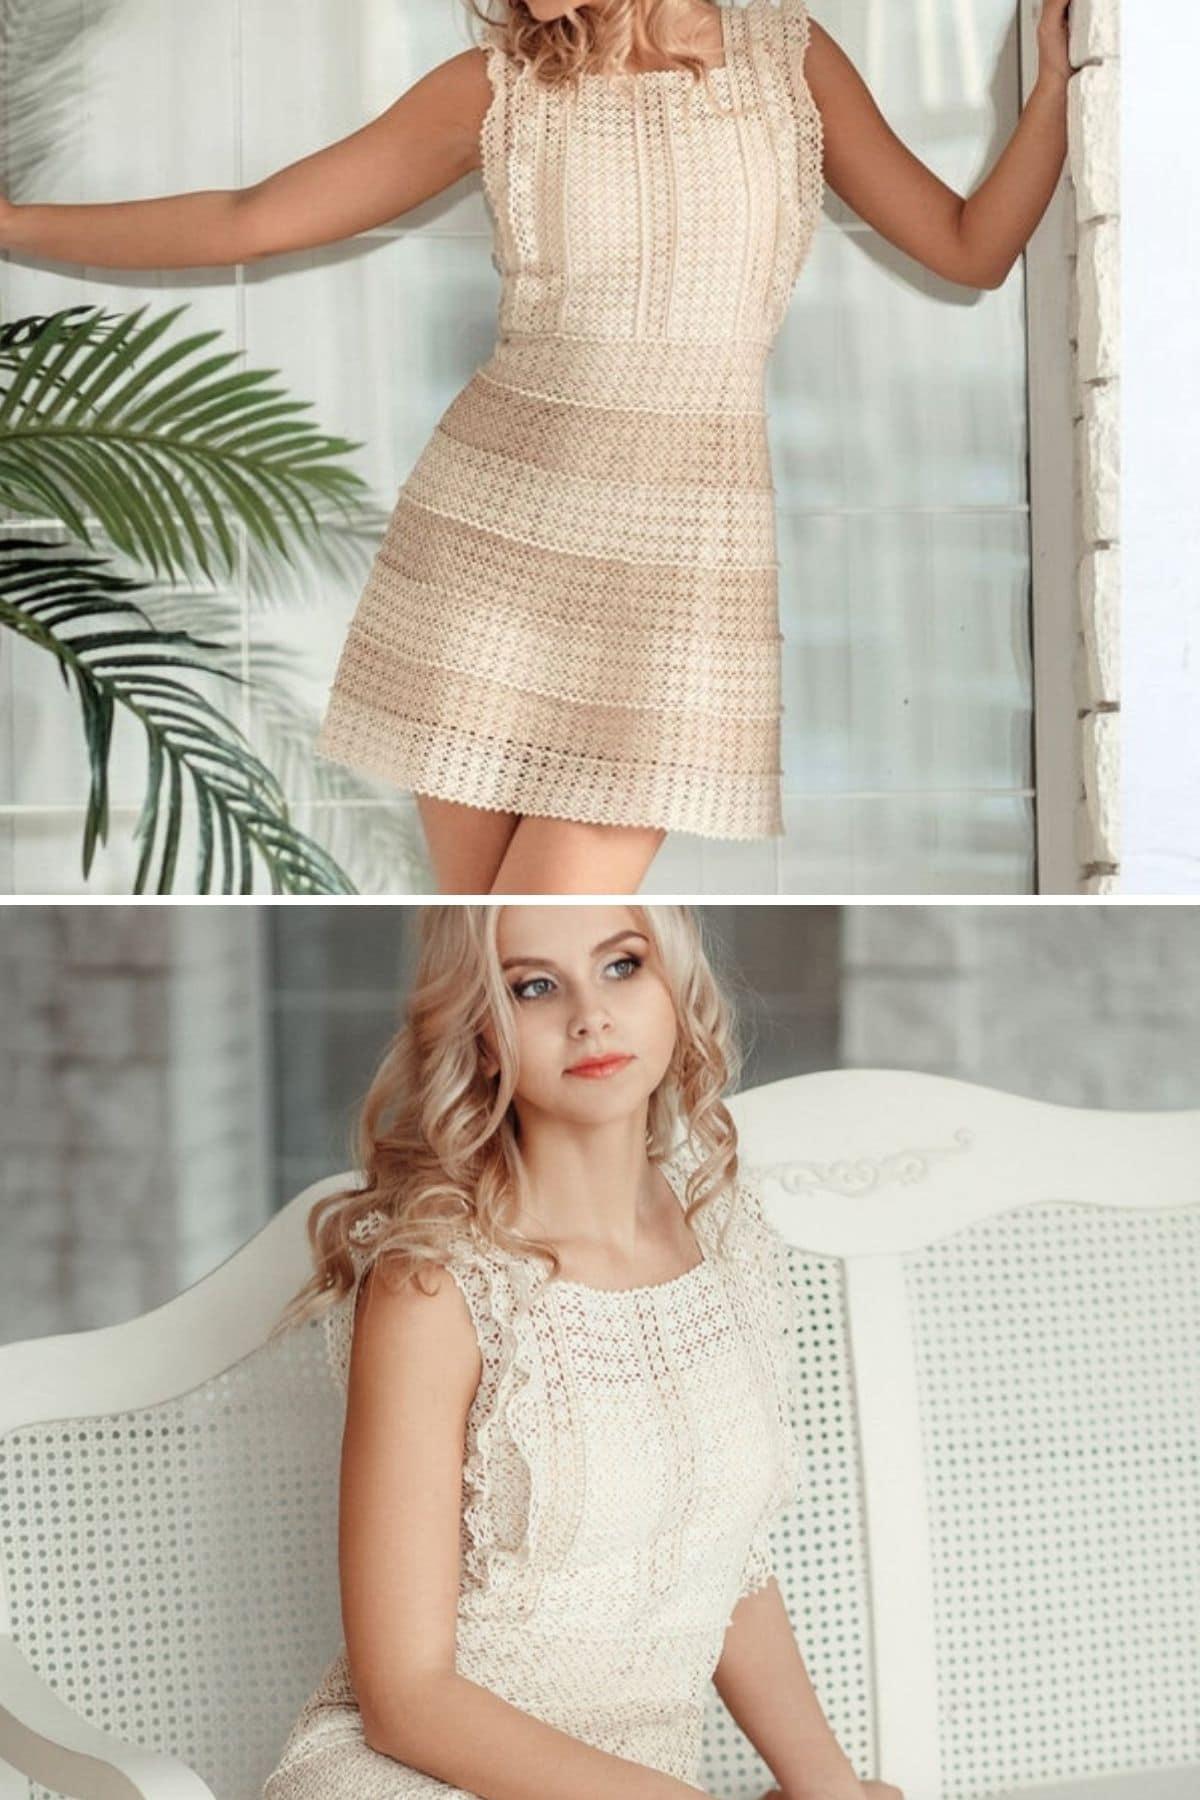 Blonde in tan crochet dress